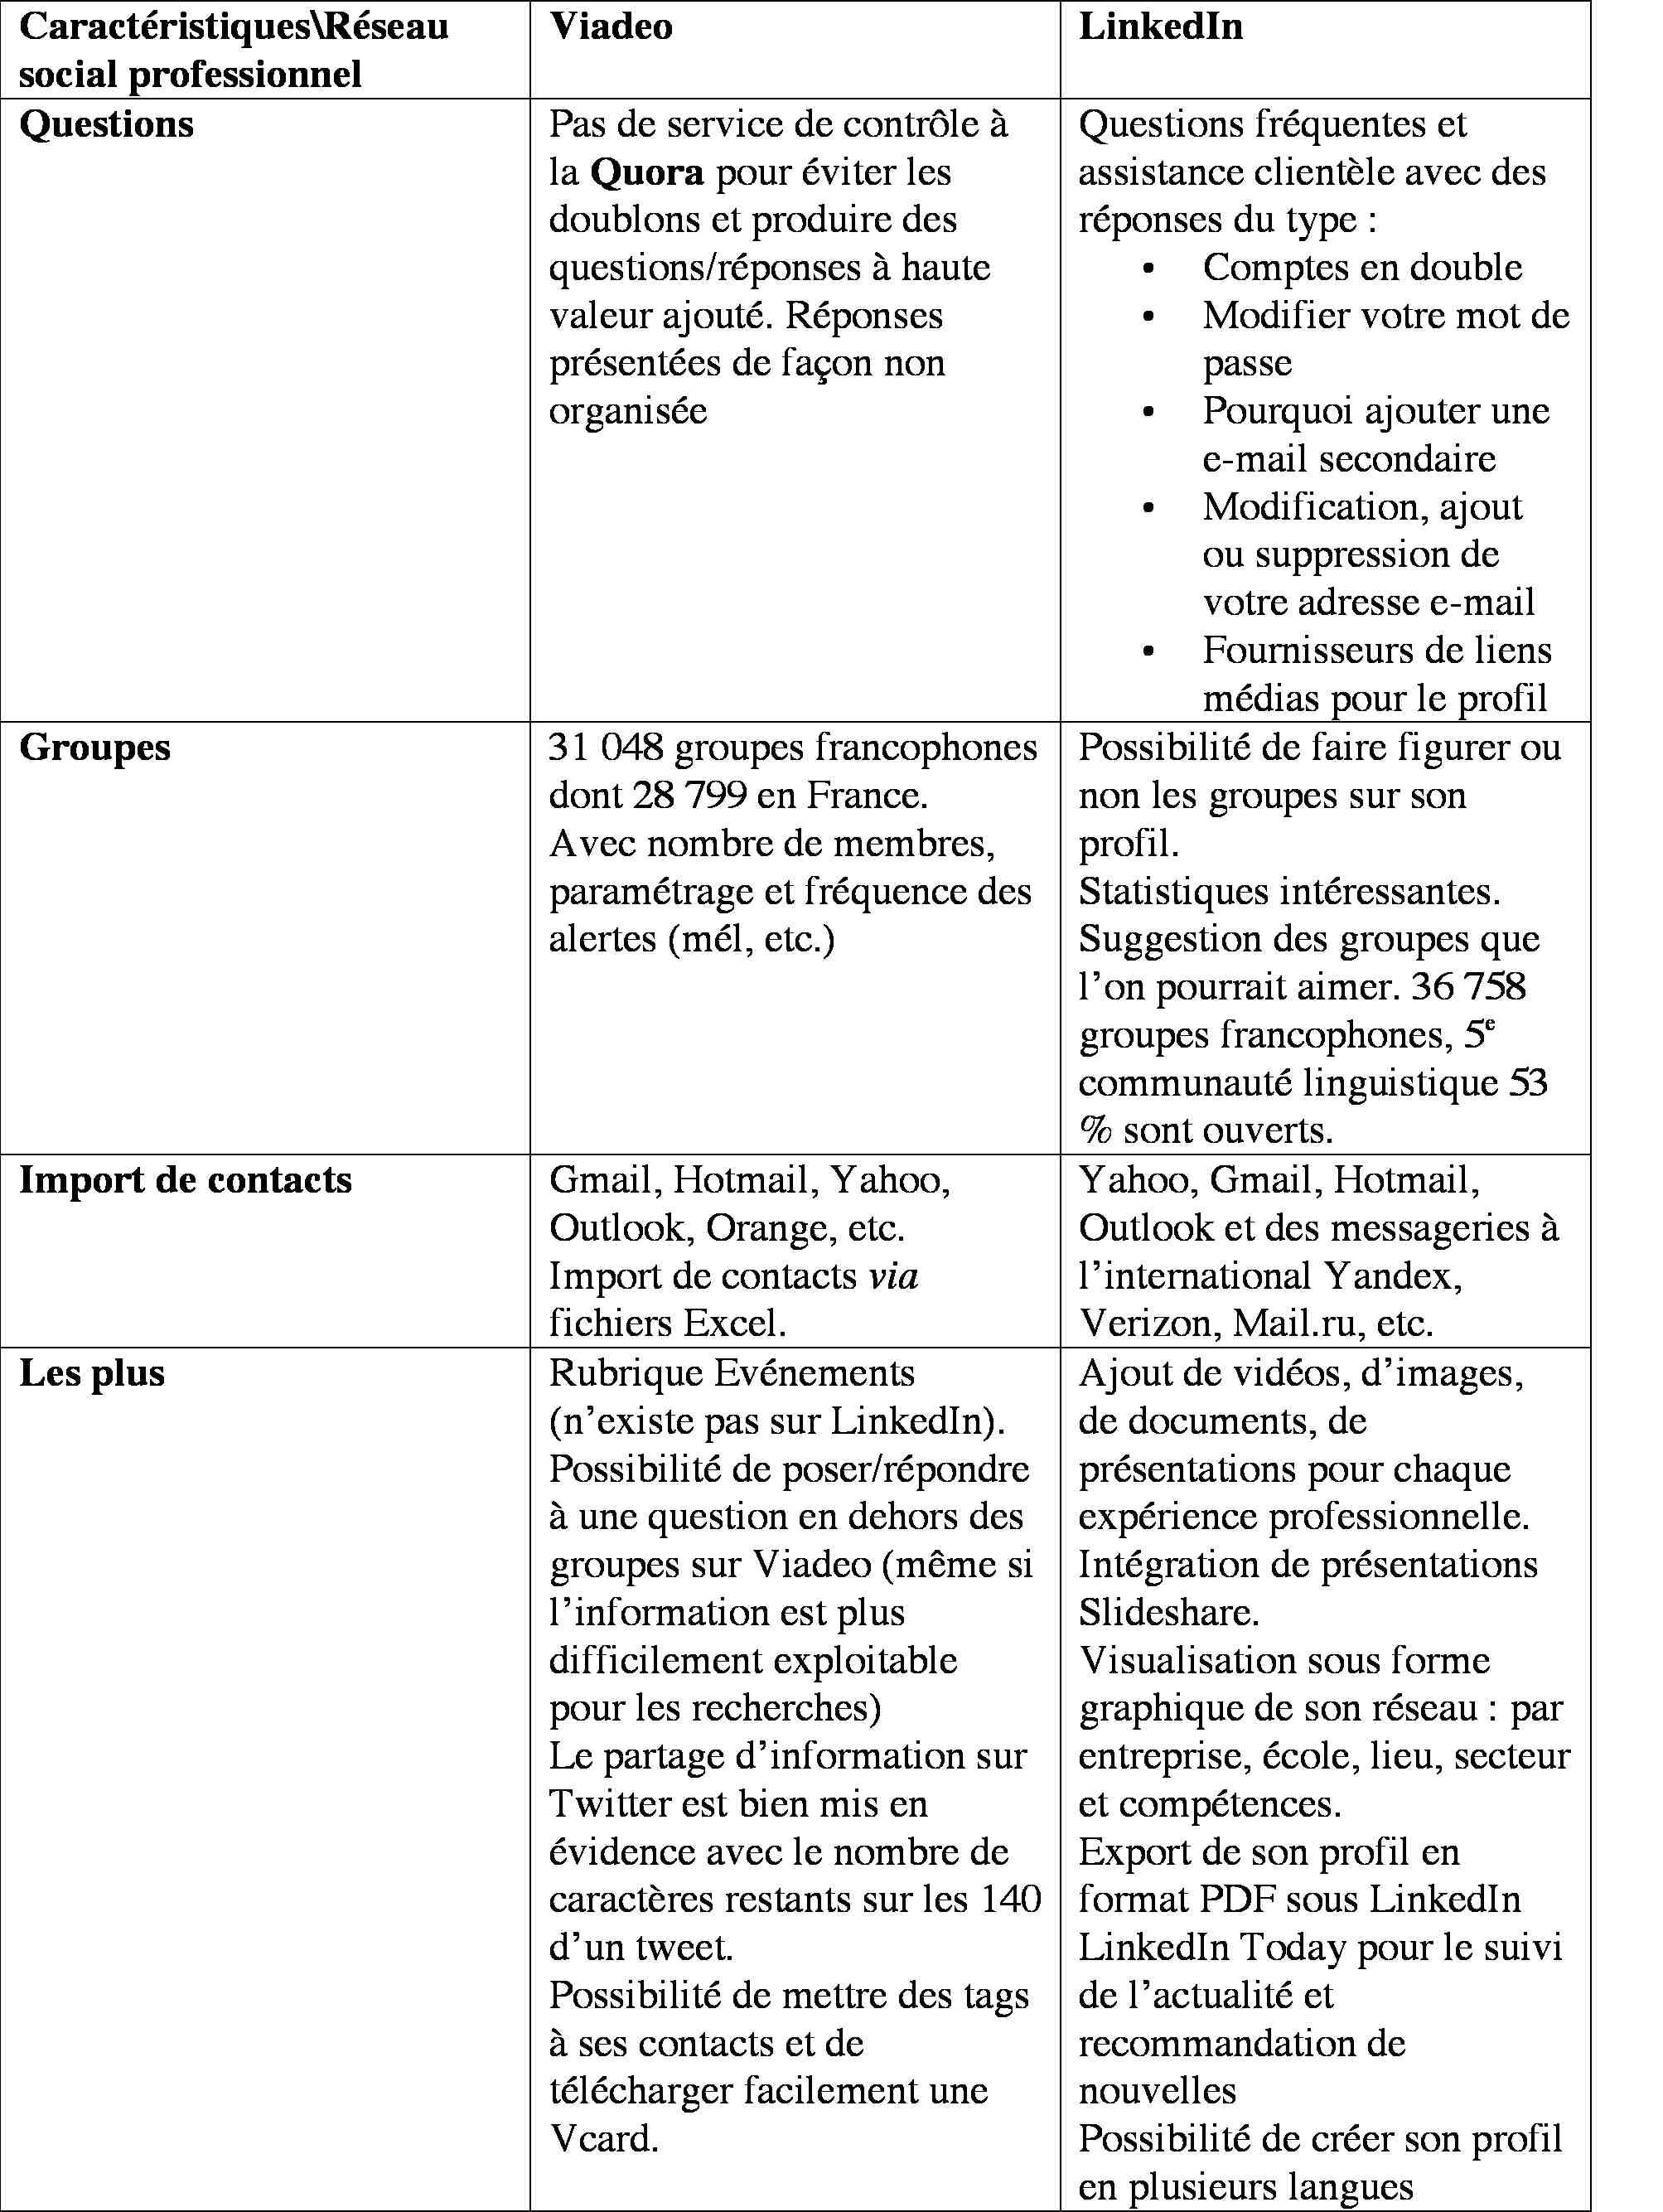 Tableau comparatif Viadeo-LinkedIn - suite